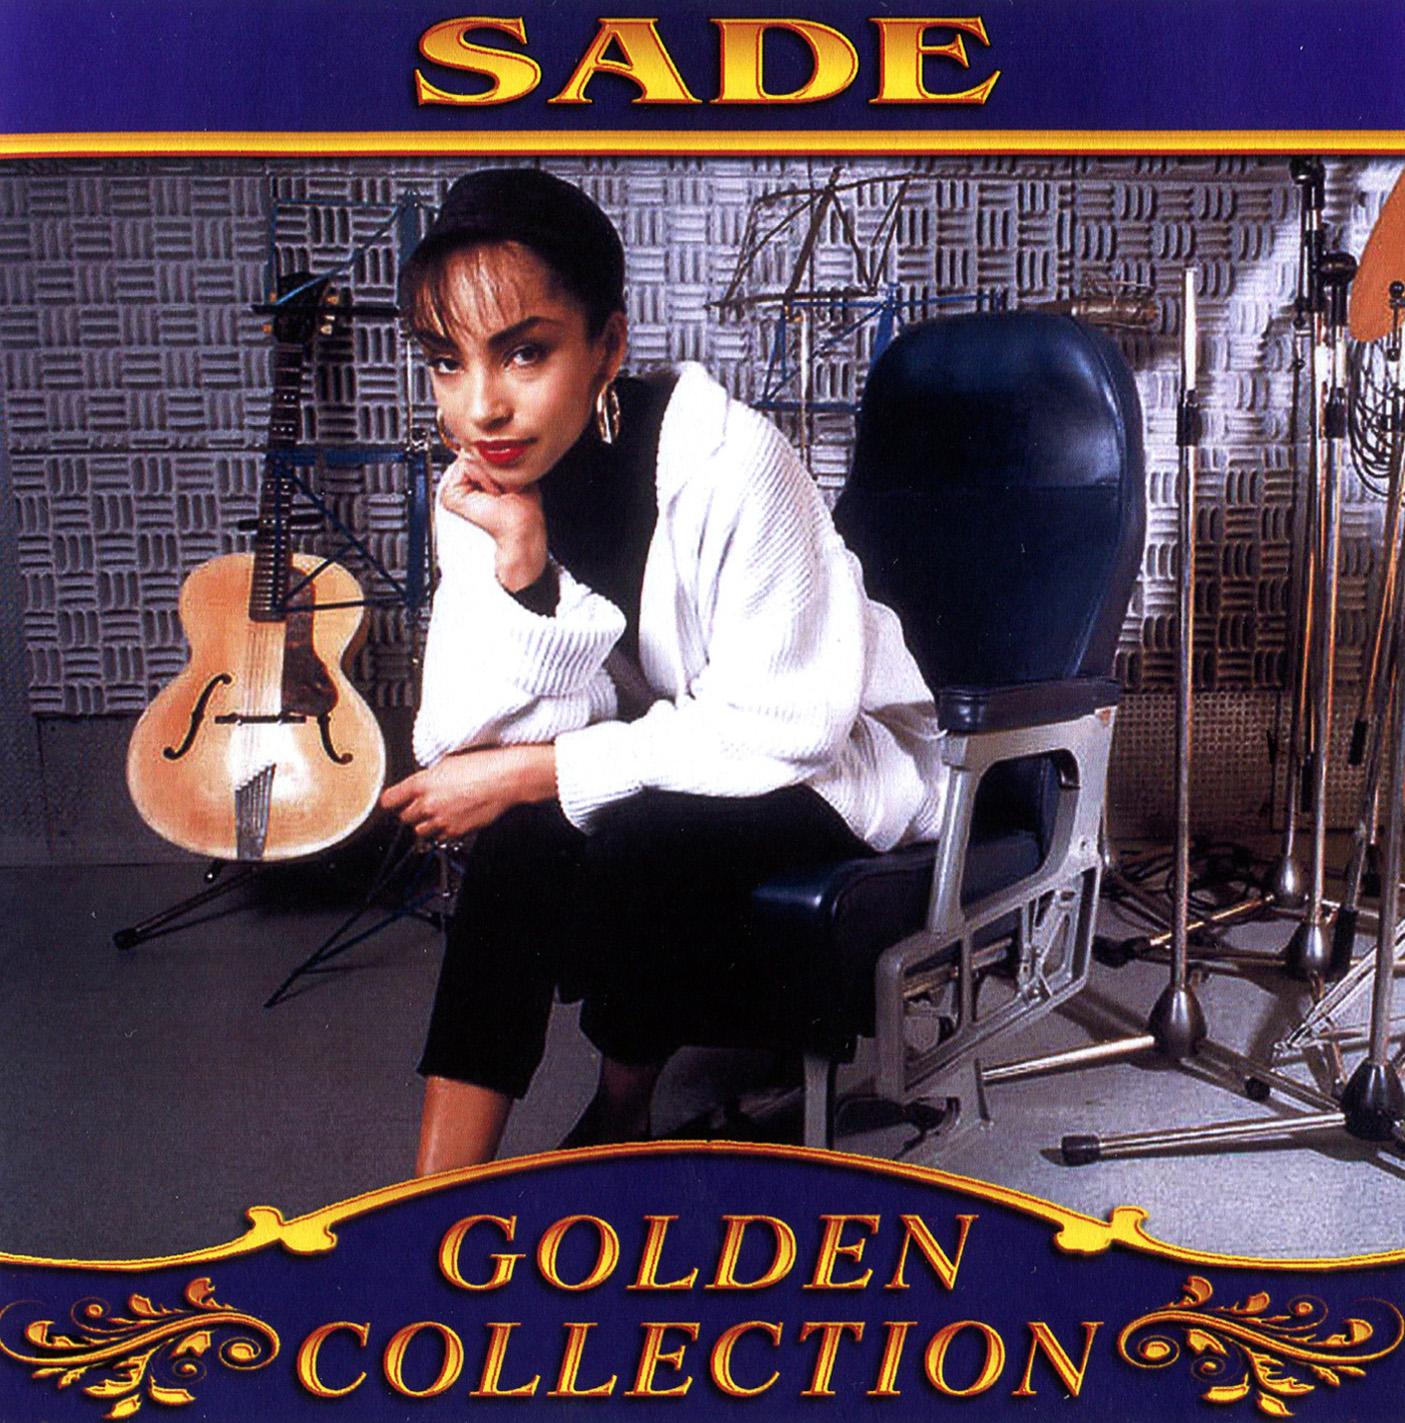 Sade [mp3]